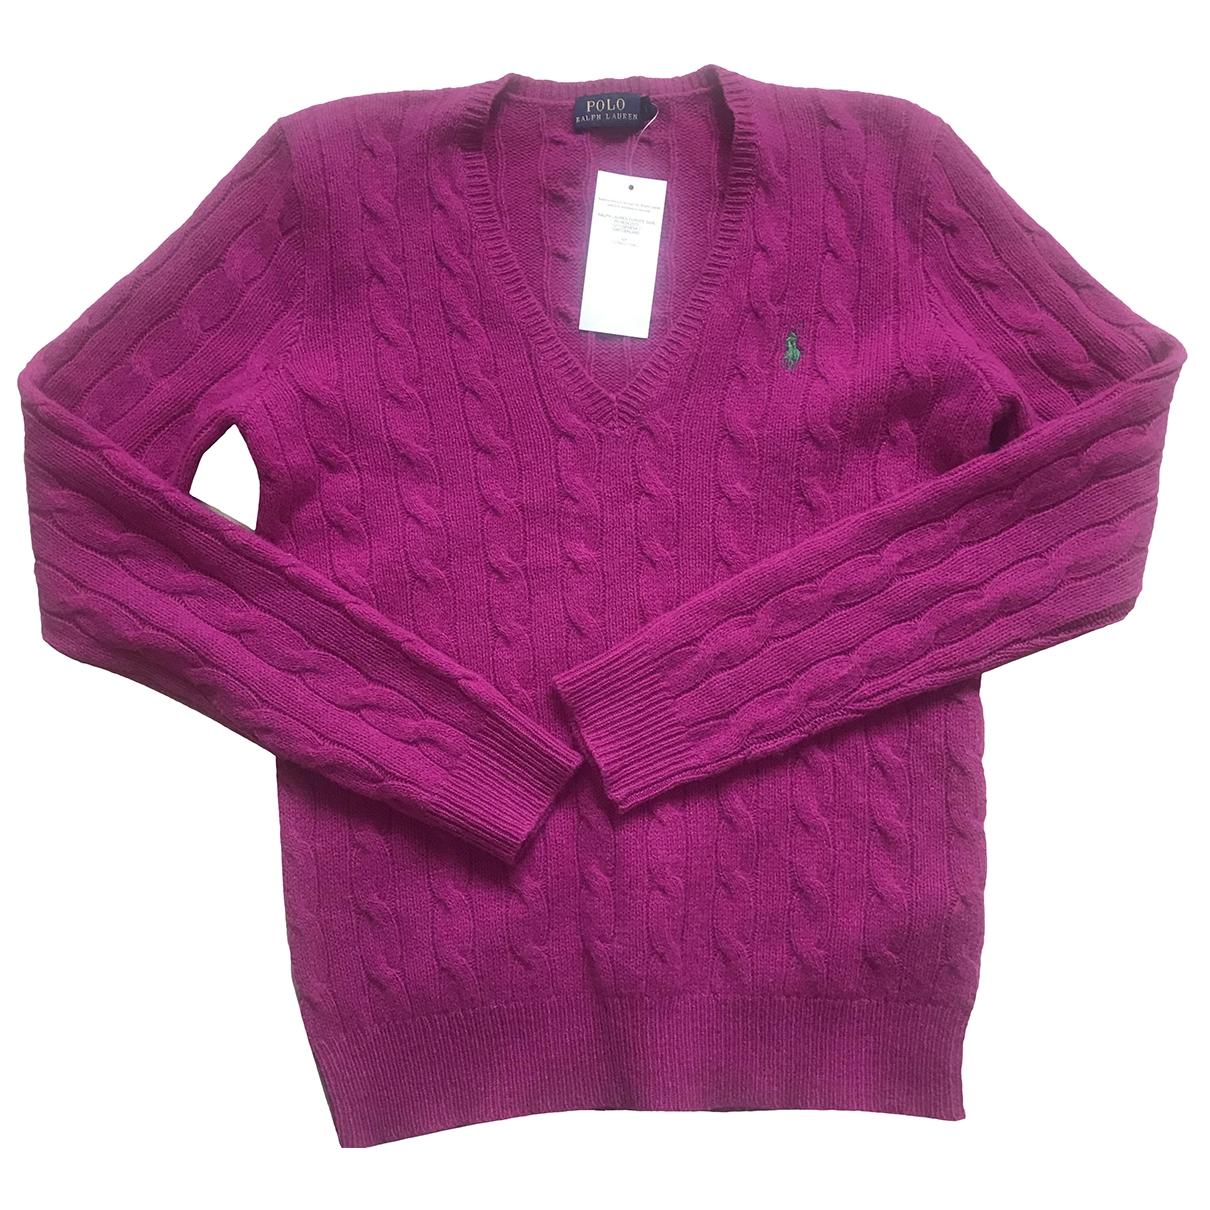 Polo Ralph Lauren \N Pink Wool Knitwear for Women S International